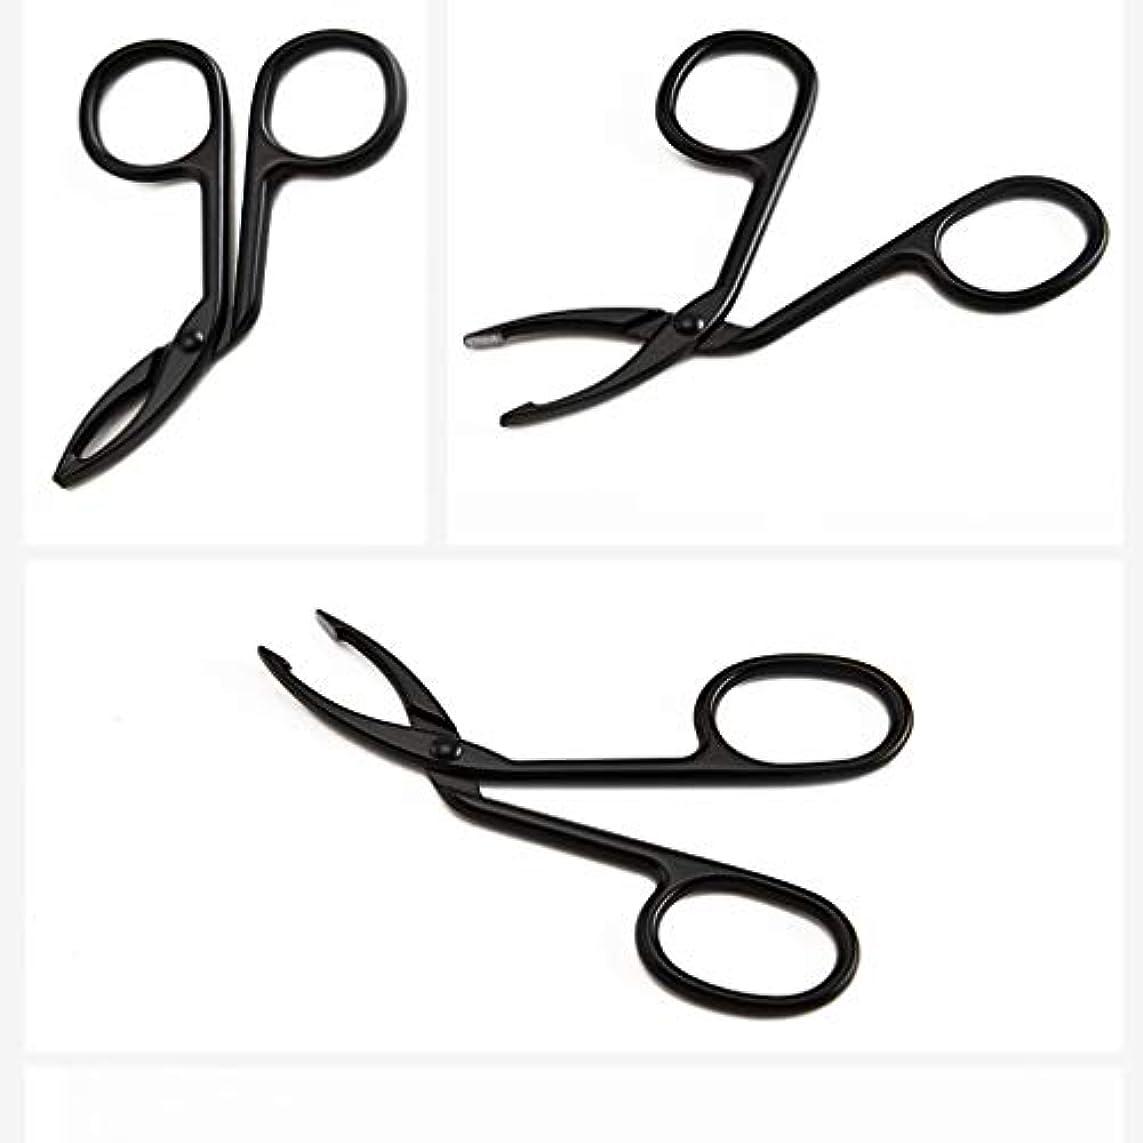 優れました動力学いたずらなLUXWELL(ラクスウェル)眉毛ピンセットアイブロウ ピンセットクリップ 毛抜き まゆ毛ピンセット 人気の 化粧工具 クリップ